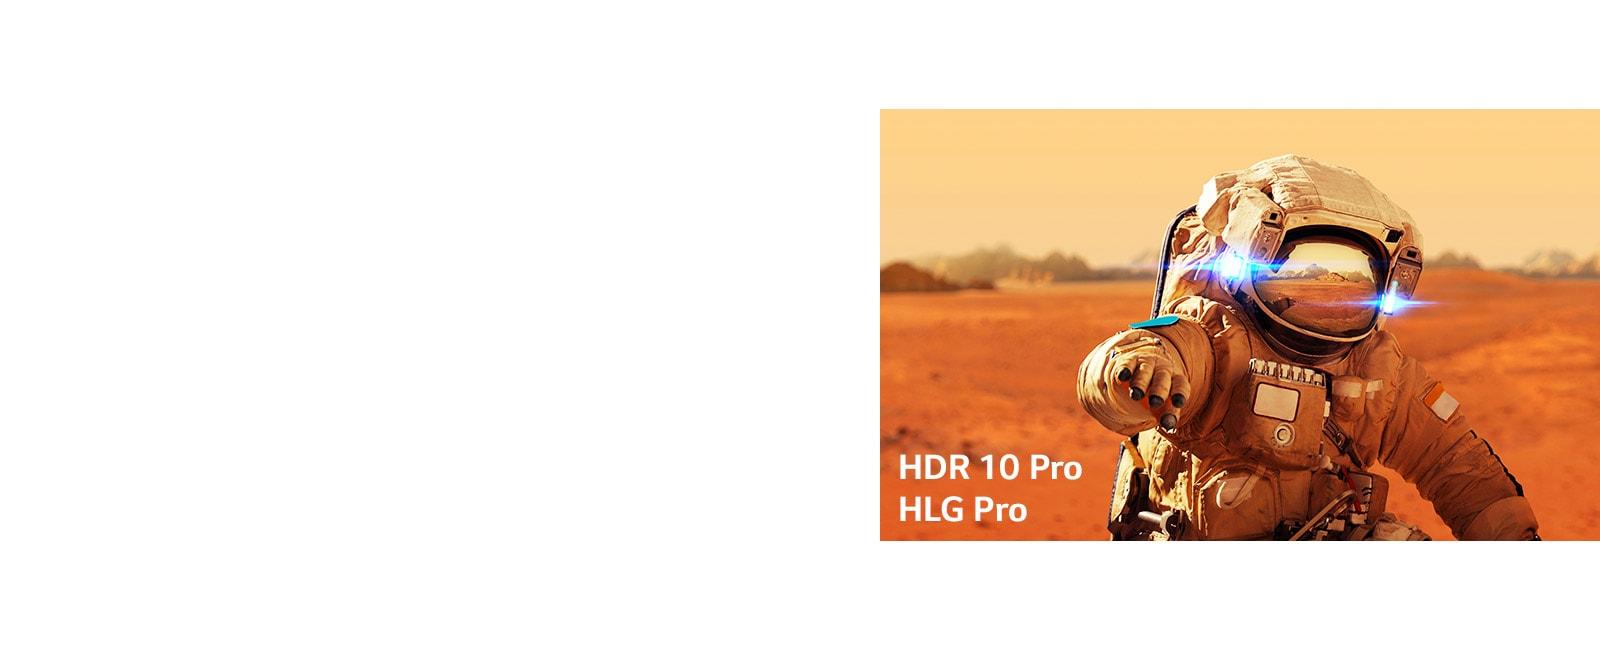 עם סמלי HDR Pro ו-HDR 10 Pro